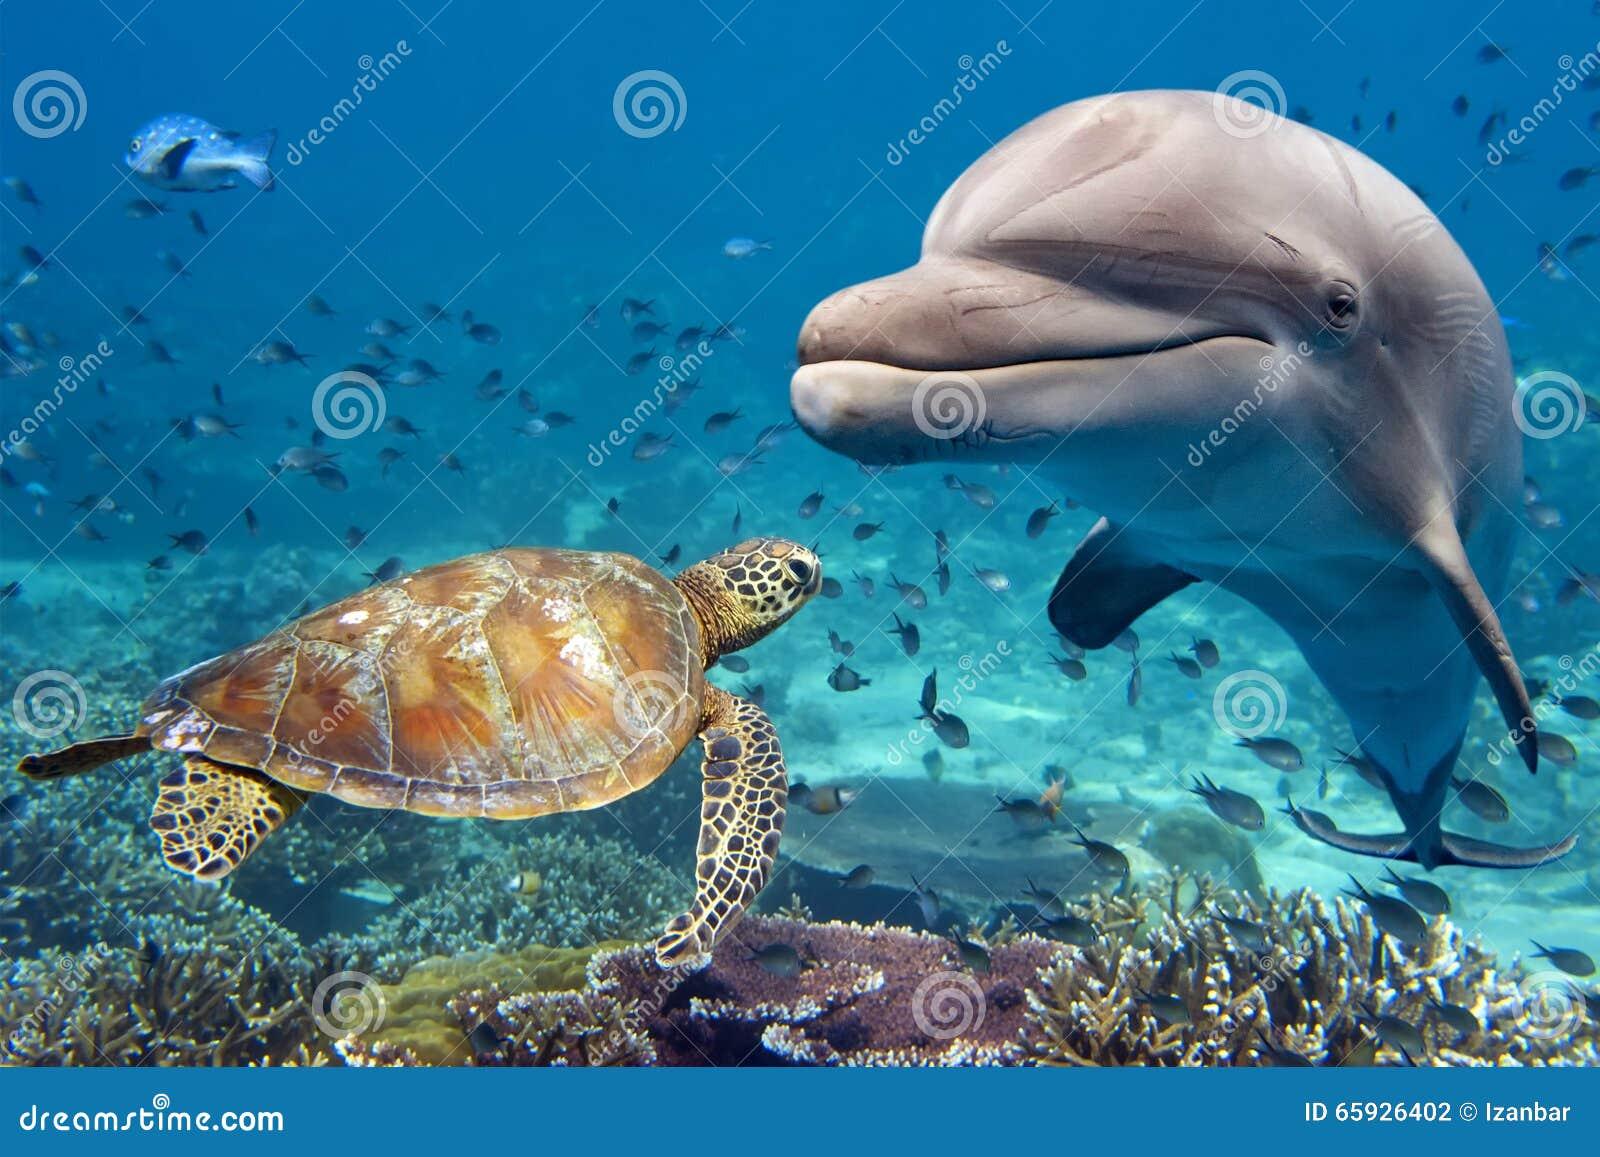 Golfinho e tartaruga subaquáticos no recife